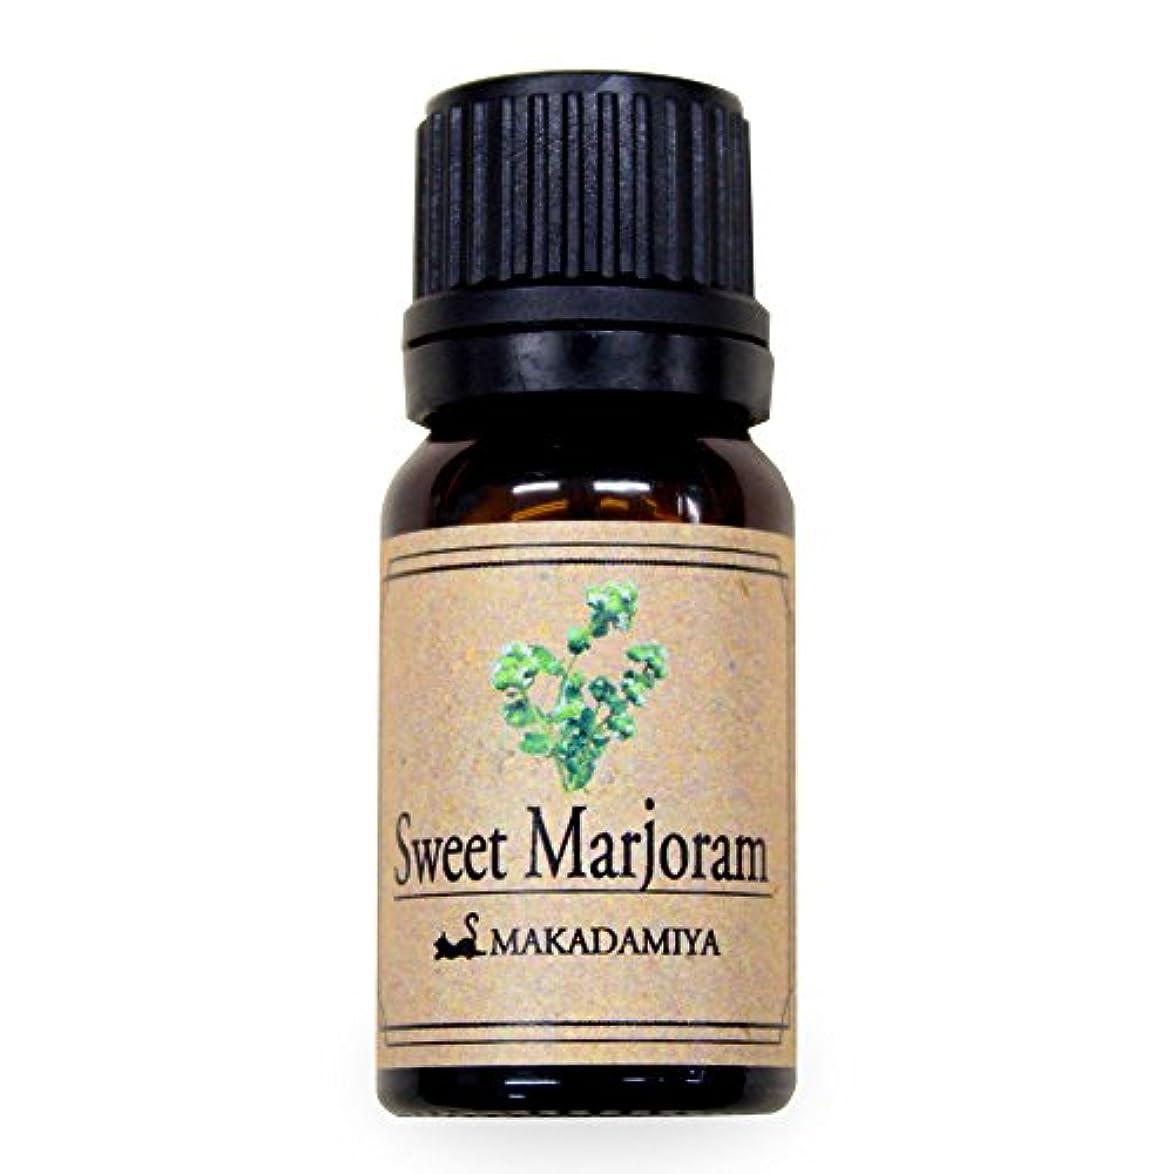 保安広まった苦しみスイートマージョラム10ml 天然100%植物性 エッセンシャルオイル(精油) アロマオイル アロママッサージ aroma Sweet M.